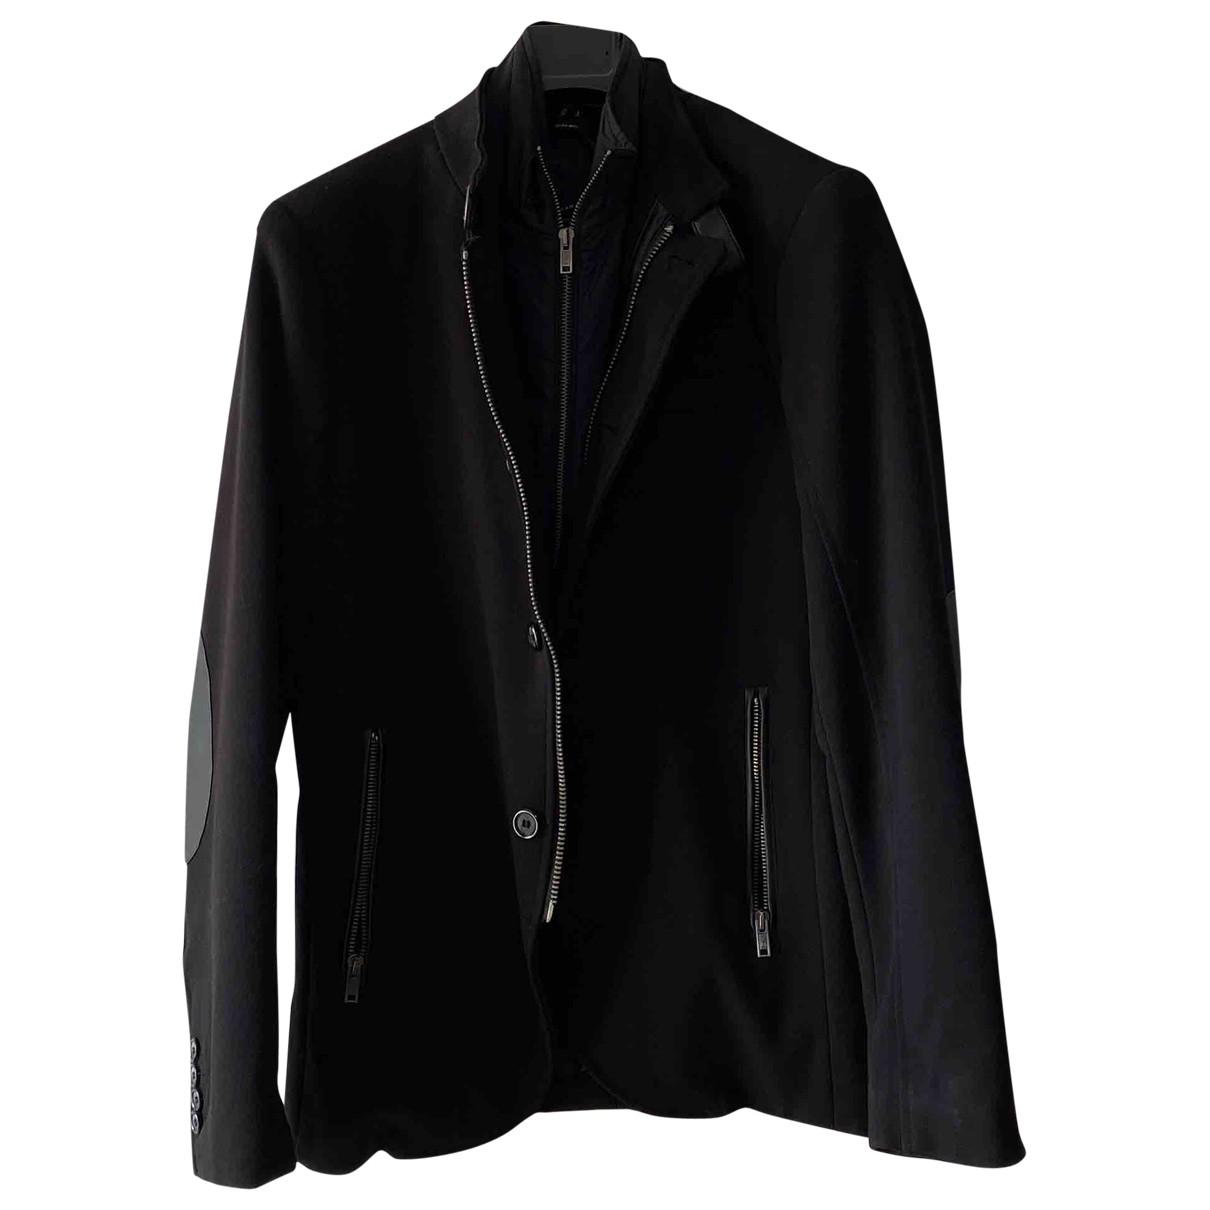 Zara - Vestes.Blousons   pour homme en autre - noir